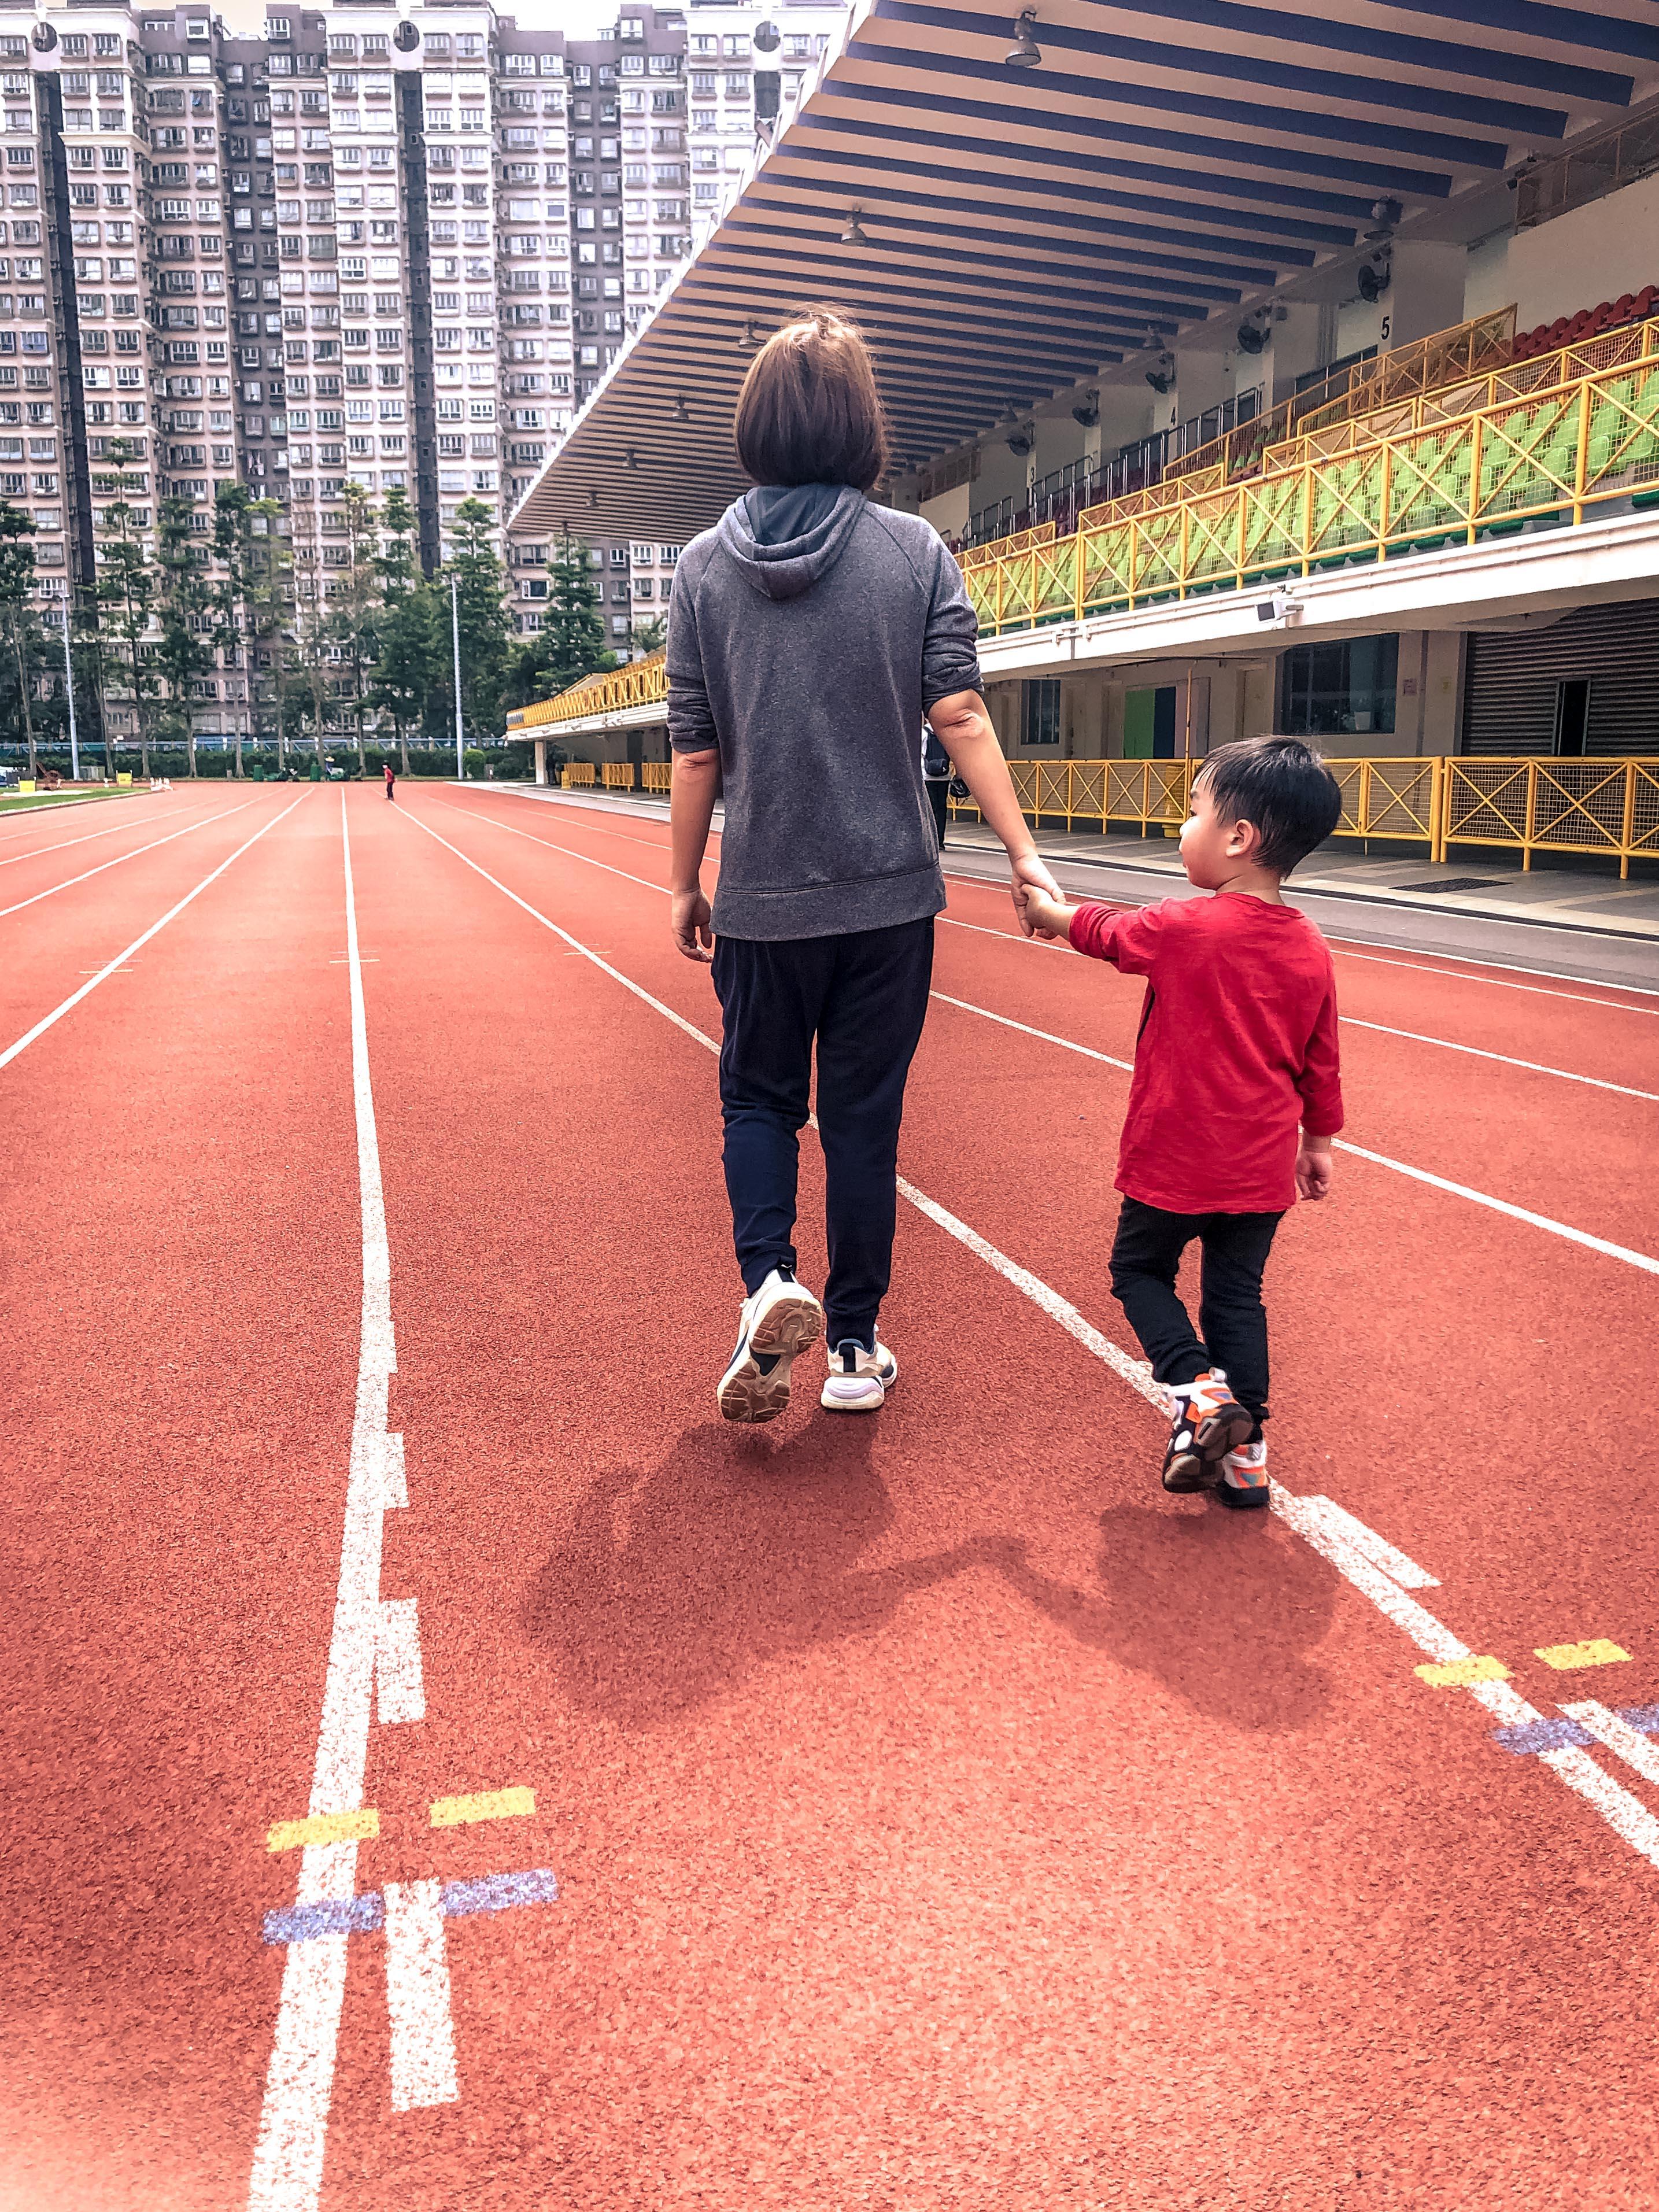 吳綽瑤_疫情期間大埔運動場重開了,媽媽帶著我和弟弟到運動場跑步後回家時拍的照片